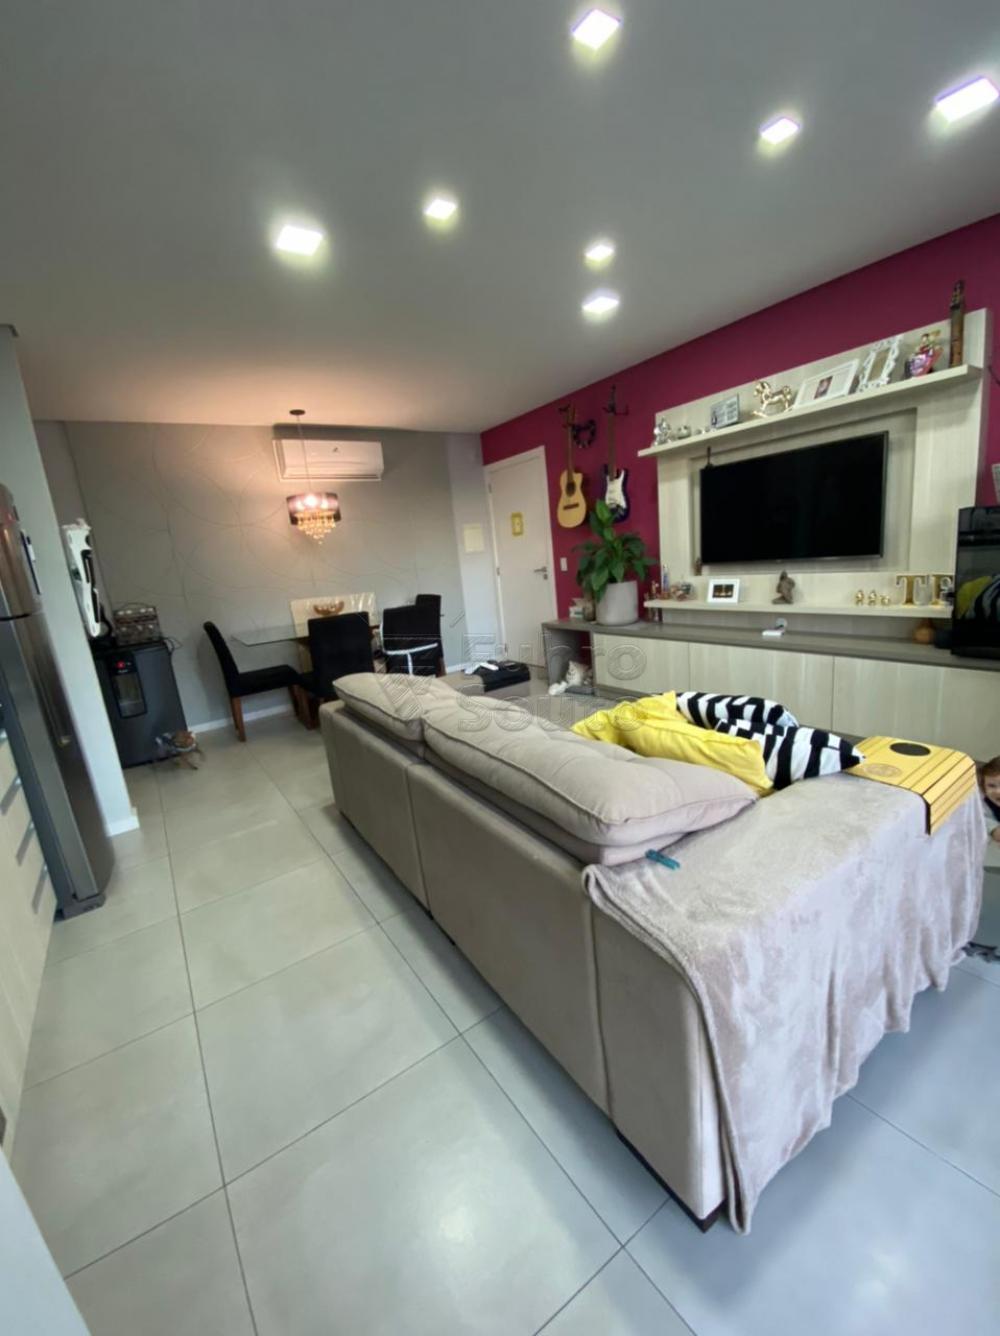 Comprar Apartamento / Padrão em Pelotas R$ 477.000,00 - Foto 4